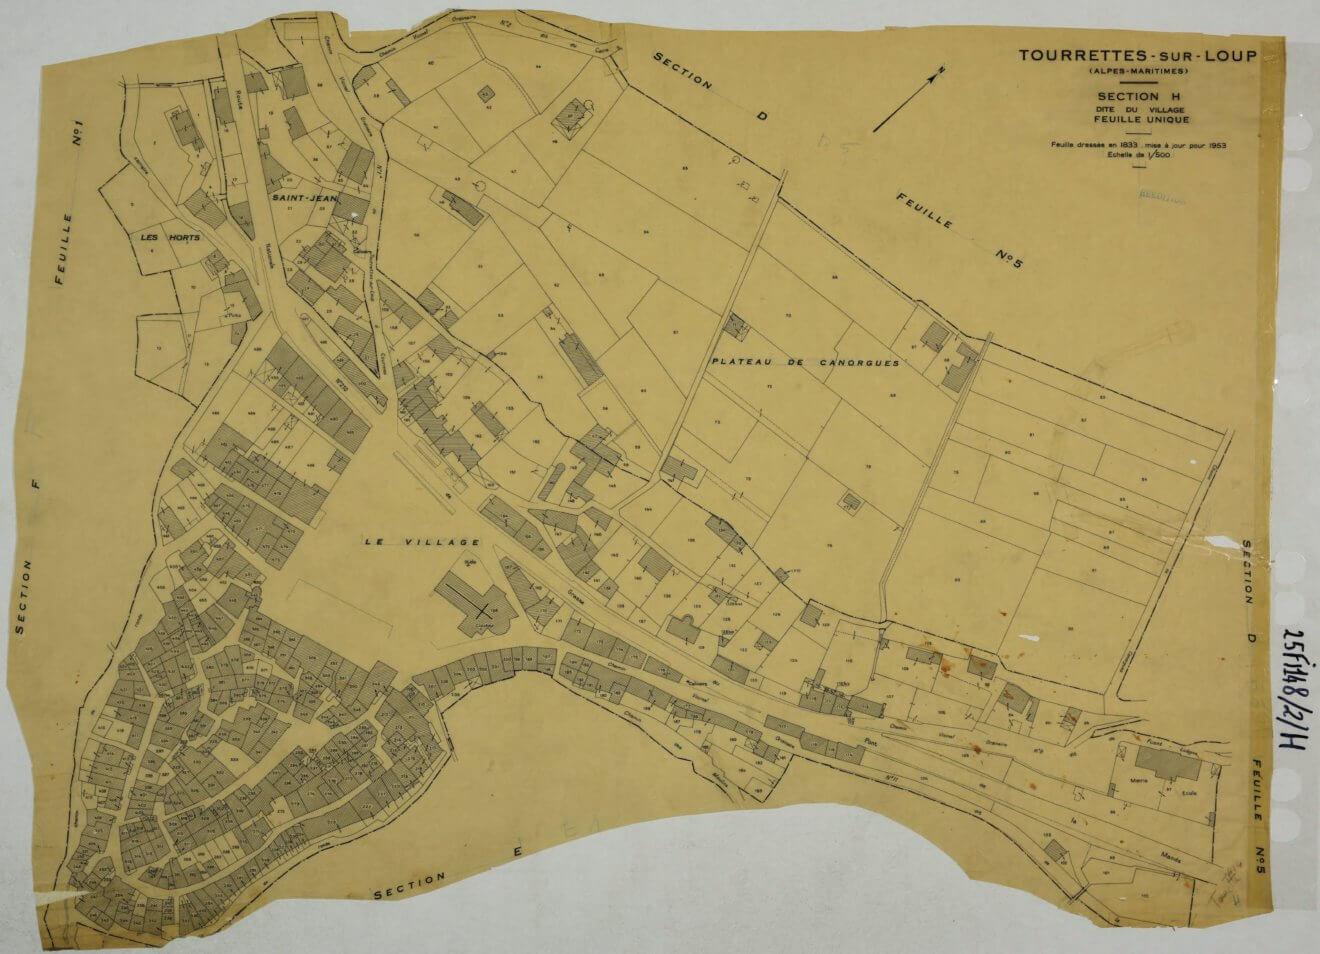 TOURRETTES Section H Le Village 1953